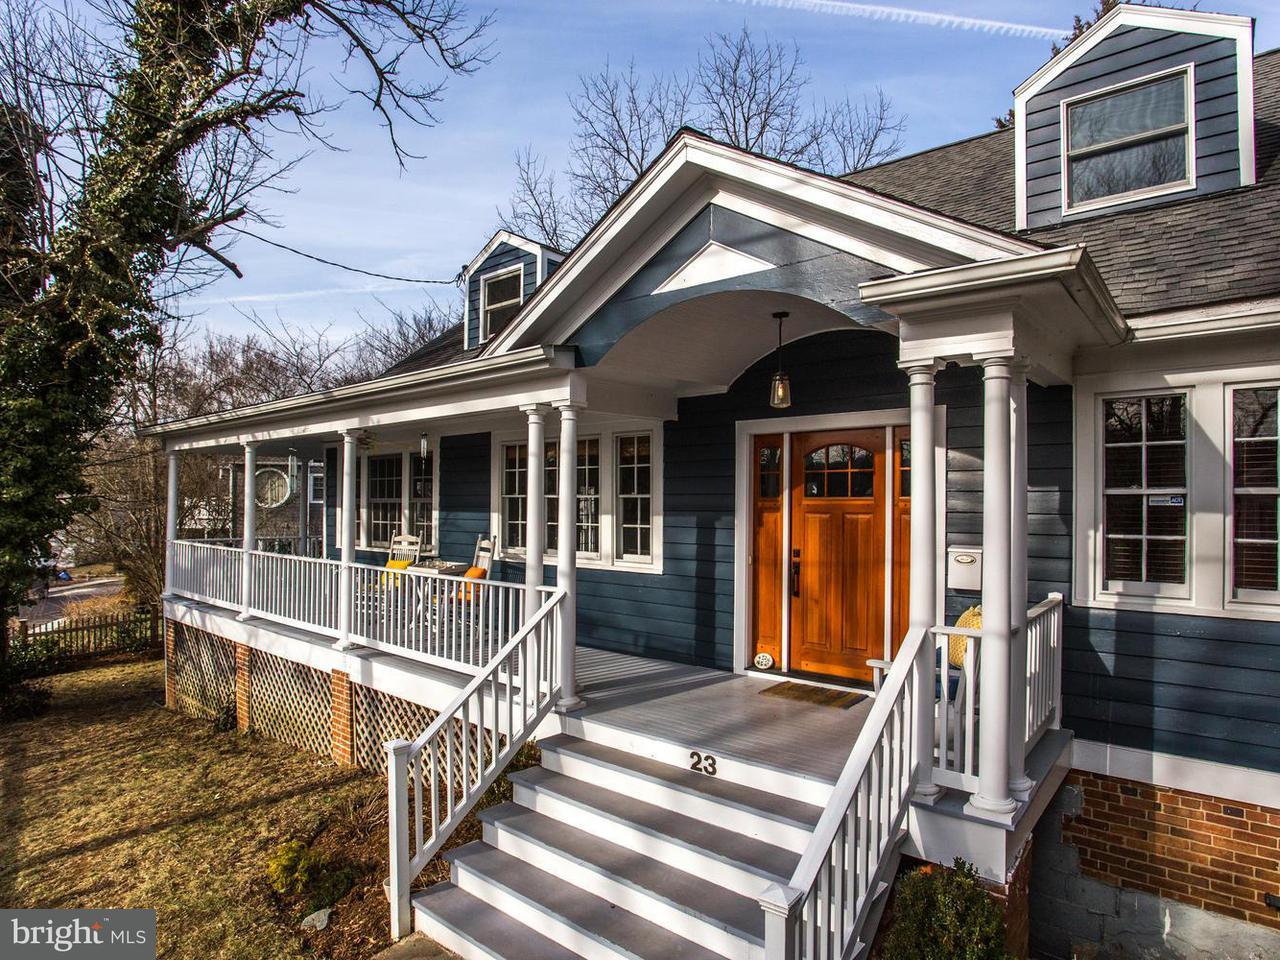 Einfamilienhaus für Verkauf beim 23 WELLESLEY Circle 23 WELLESLEY Circle Glen Echo, Maryland 20812 Vereinigte Staaten